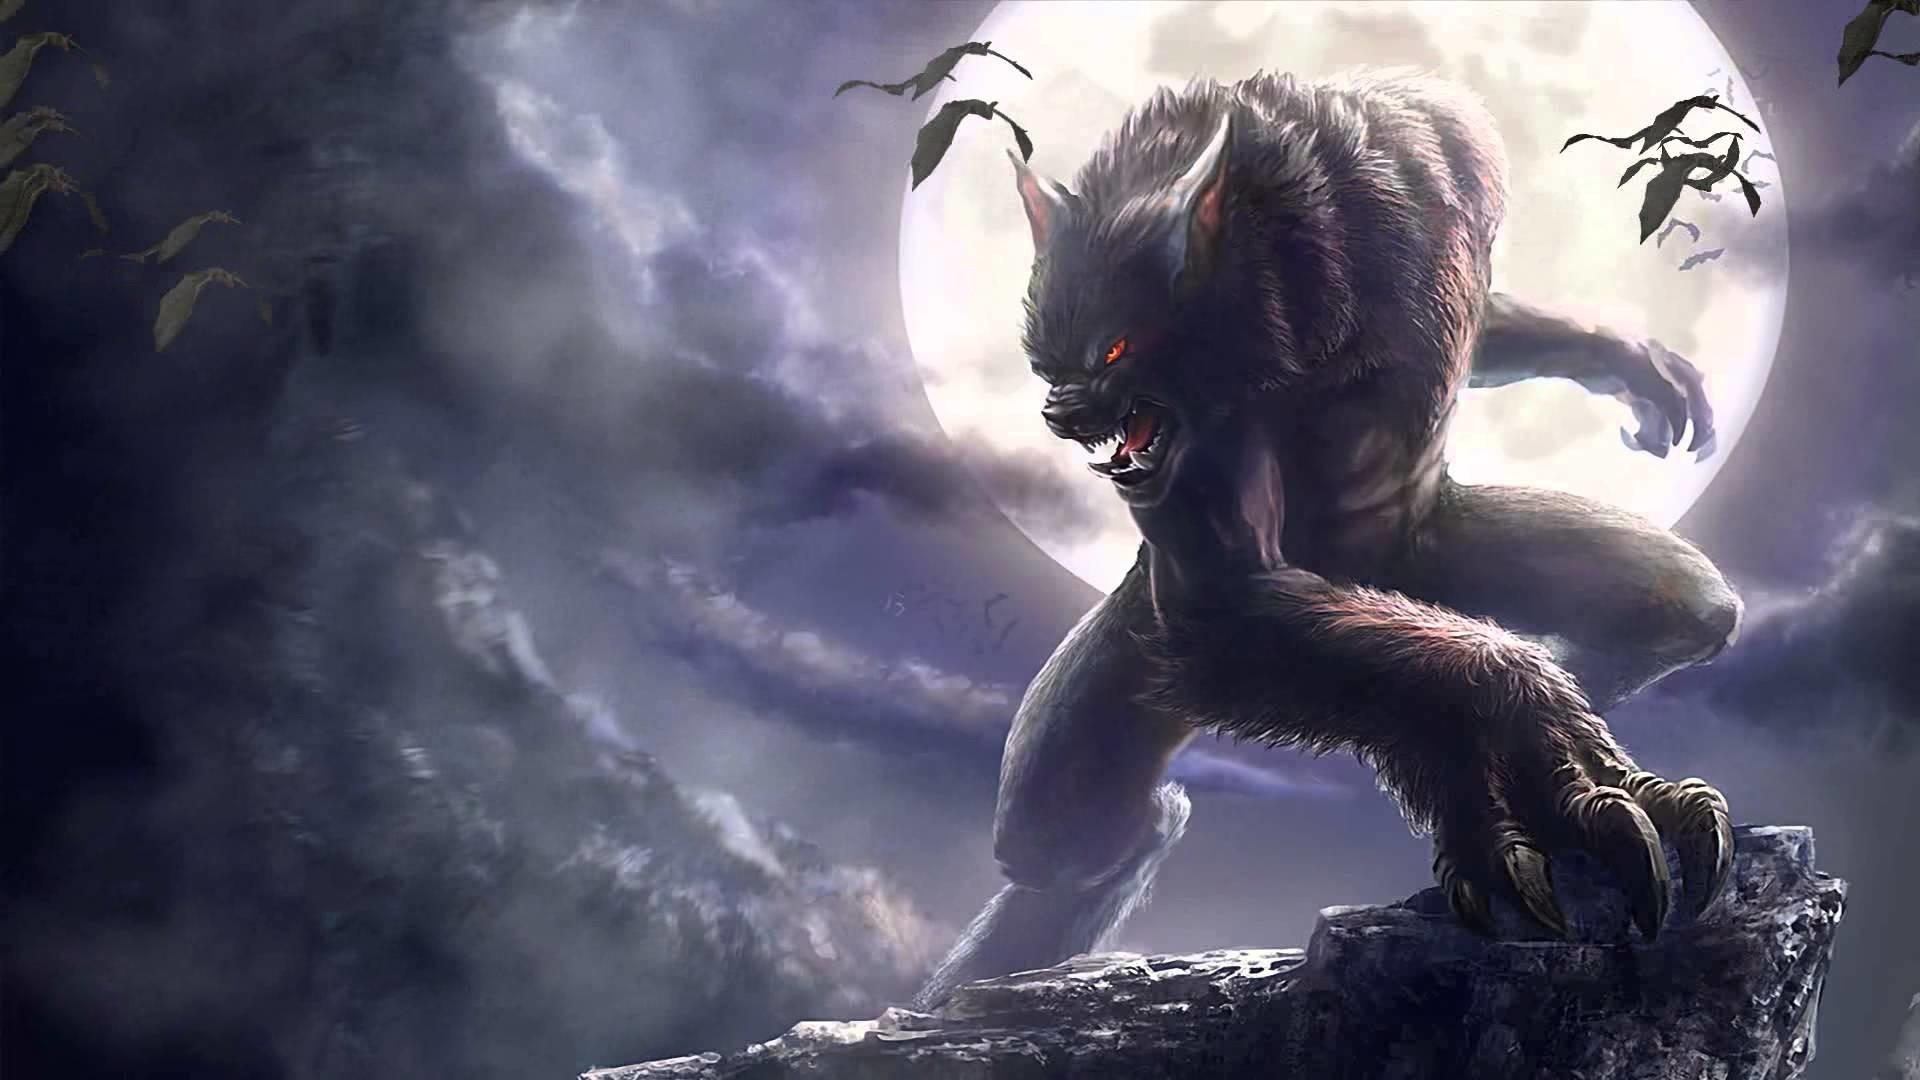 Werewolf best wallpaper